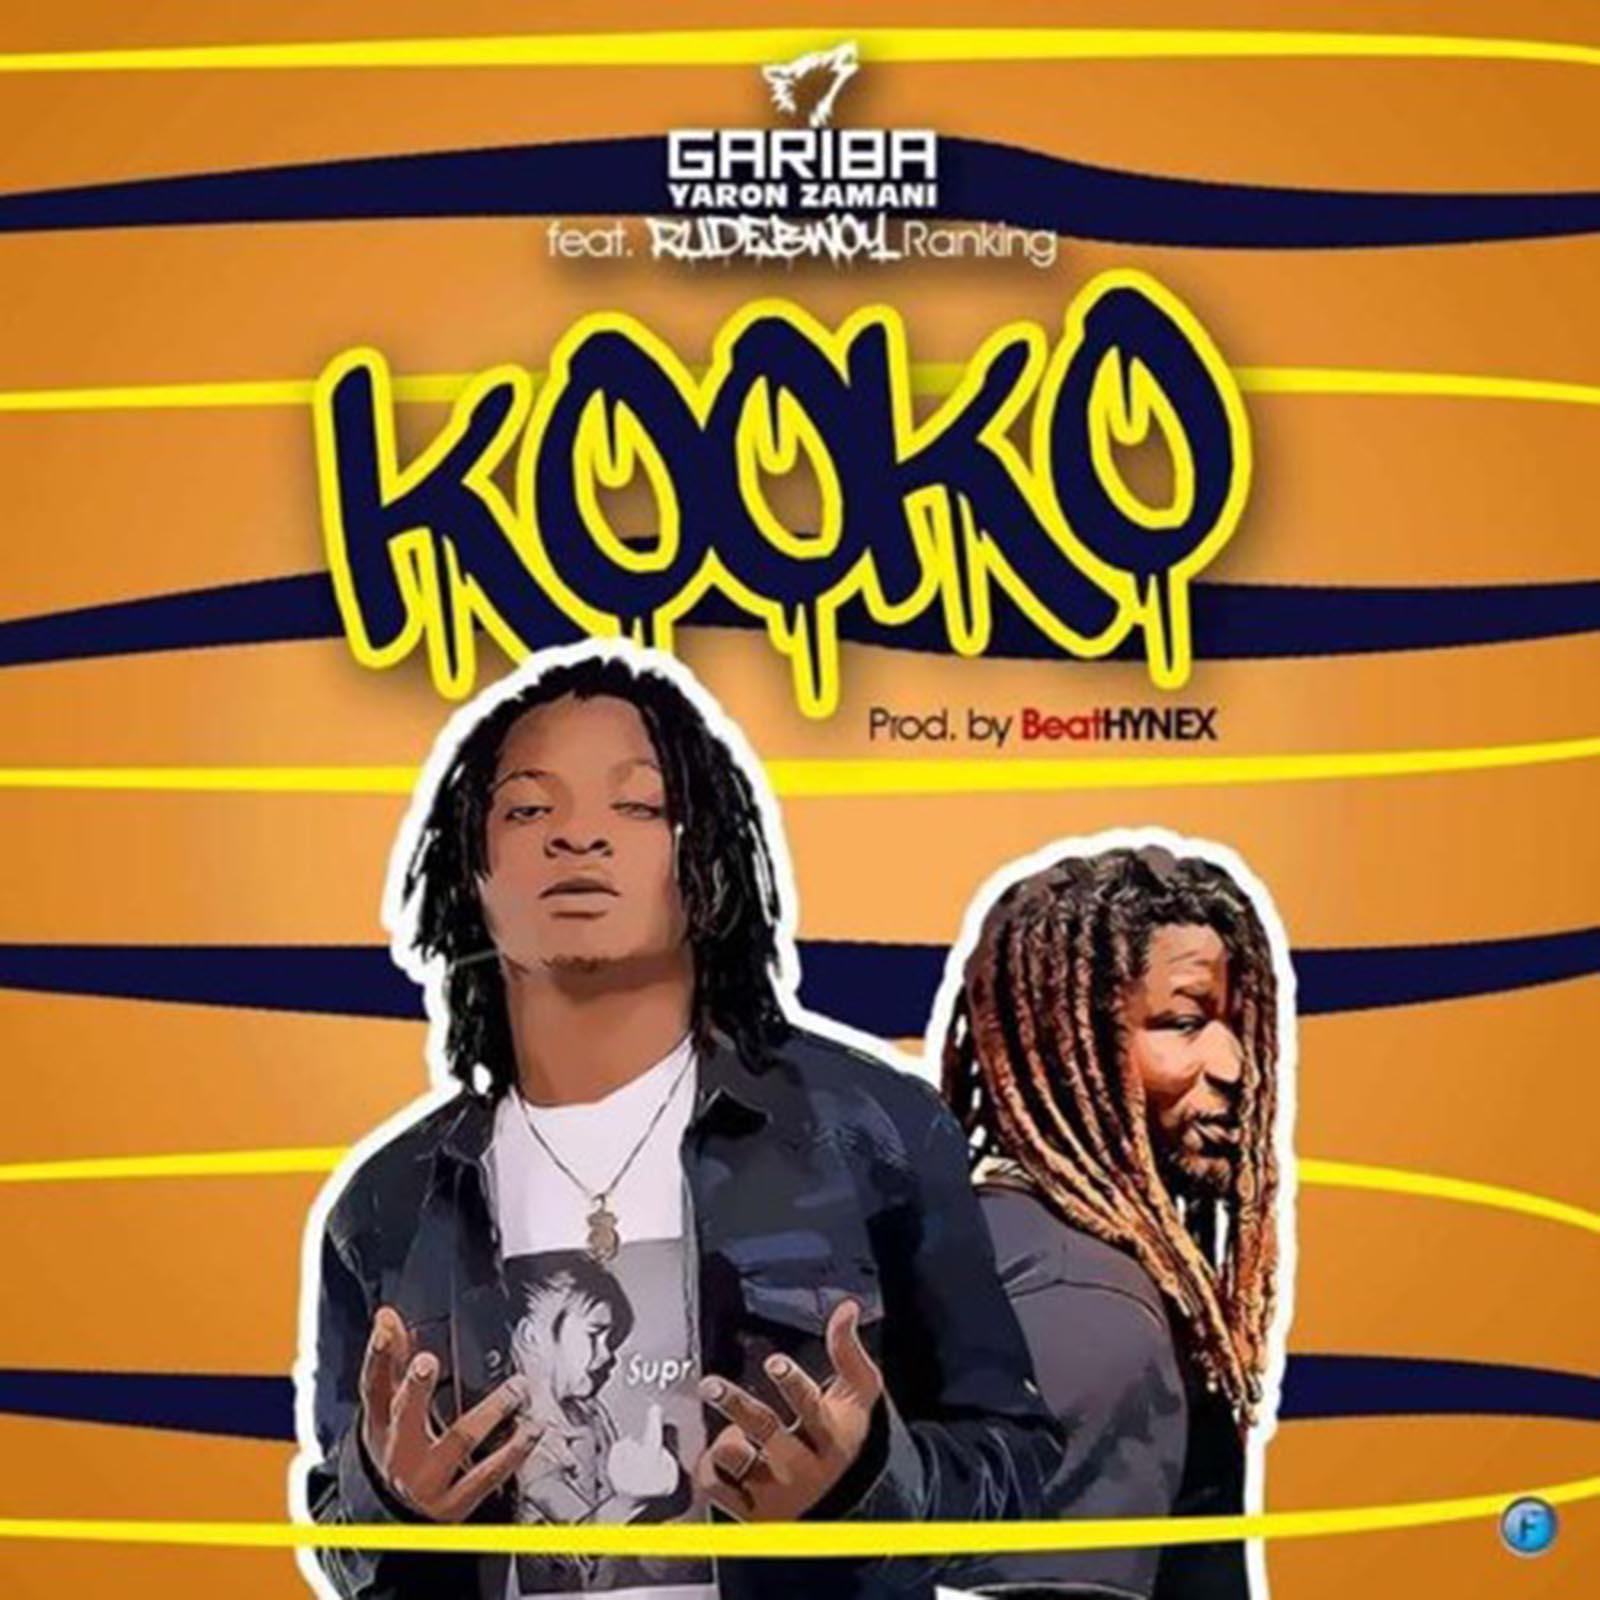 KooKo by Gariba feat. Rudebwoy Ranking